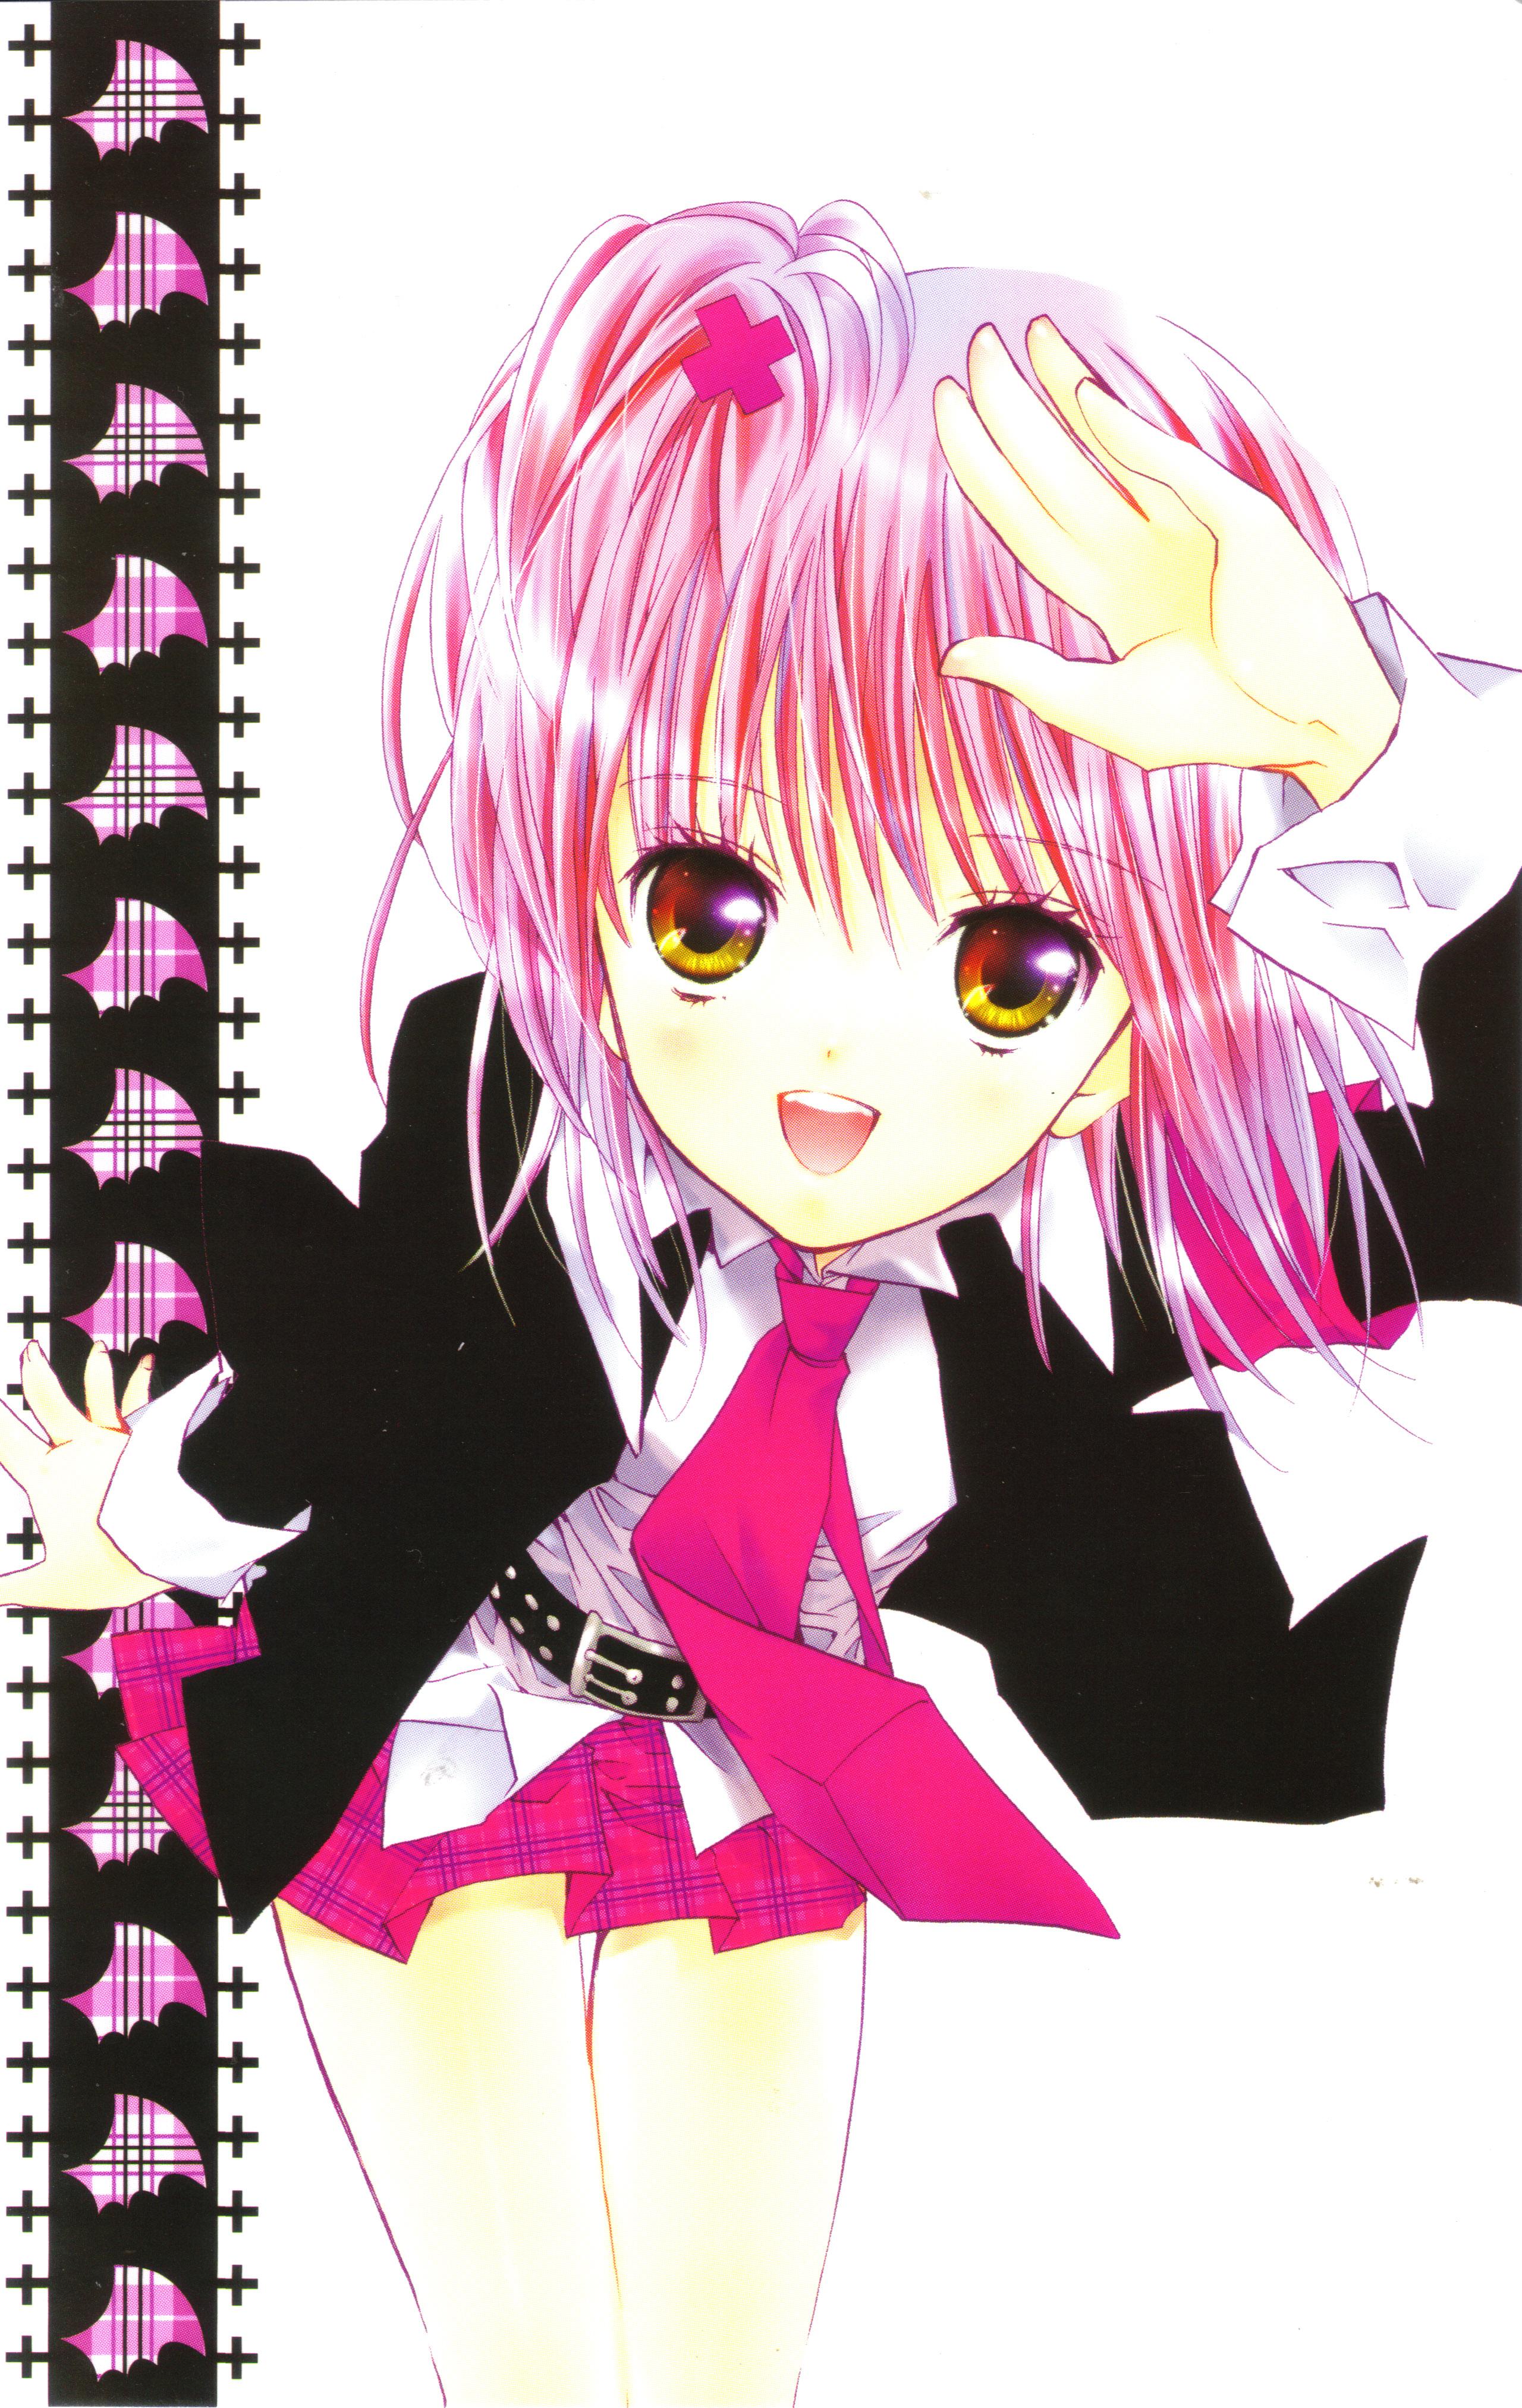 Hinamori Amu - Shugo Chara! - Image #320566 - Zerochan